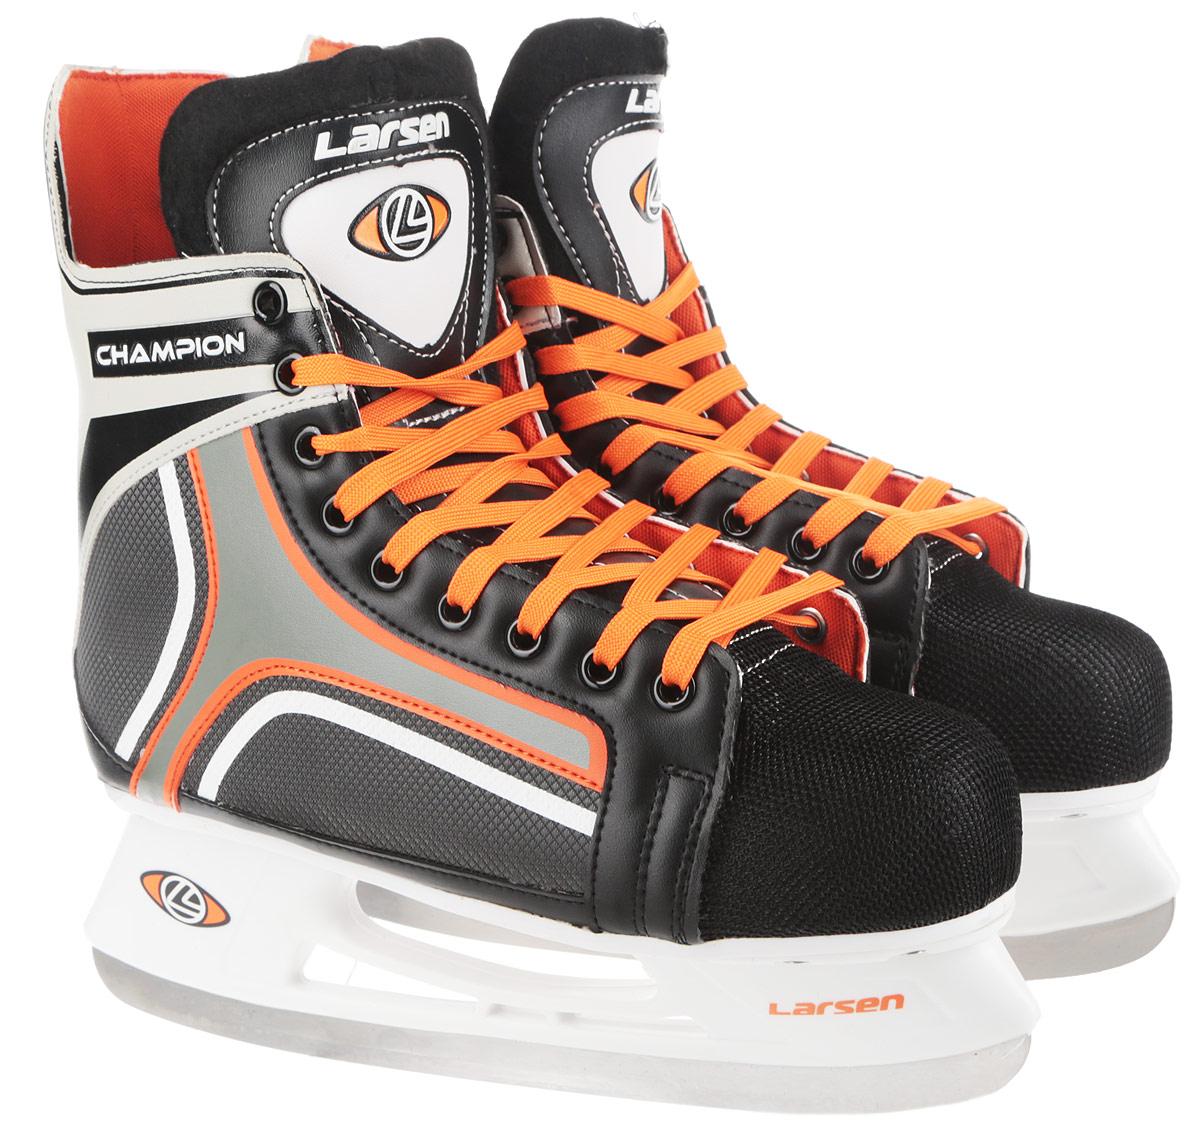 Коньки хоккейные мужские Larsen Champion, цвет: черный, белый, оранжевый. Размер 39ChampionСтильные коньки Champion от Larsen прекрасно подойдут для начинающих игроков в хоккей.Ботинок выполнен из морозоустойчивого поливинилхлорида. Мыс дополненвставкой из полипропилена, покрытого сетчатым нейлоном, которая защитит ноги от ударов.Внутренний слой изготовлен измягкого текстиля, который обеспечит тепло и комфорт во время катания, язычок - из войлока.Плотная шнуровка надежно фиксирует модель на ноге. Голеностоп имеет удобный суппорт. Стелька из EVA с текстильной поверхностью обеспечит комфортное катание. Стойкавыполнена из ударопрочного полипропилена. Лезвие из нержавеющей стали обеспечитпревосходное скольжение. В комплект входят пластиковые чехлы для лезвий. Температура использования до -20°С.